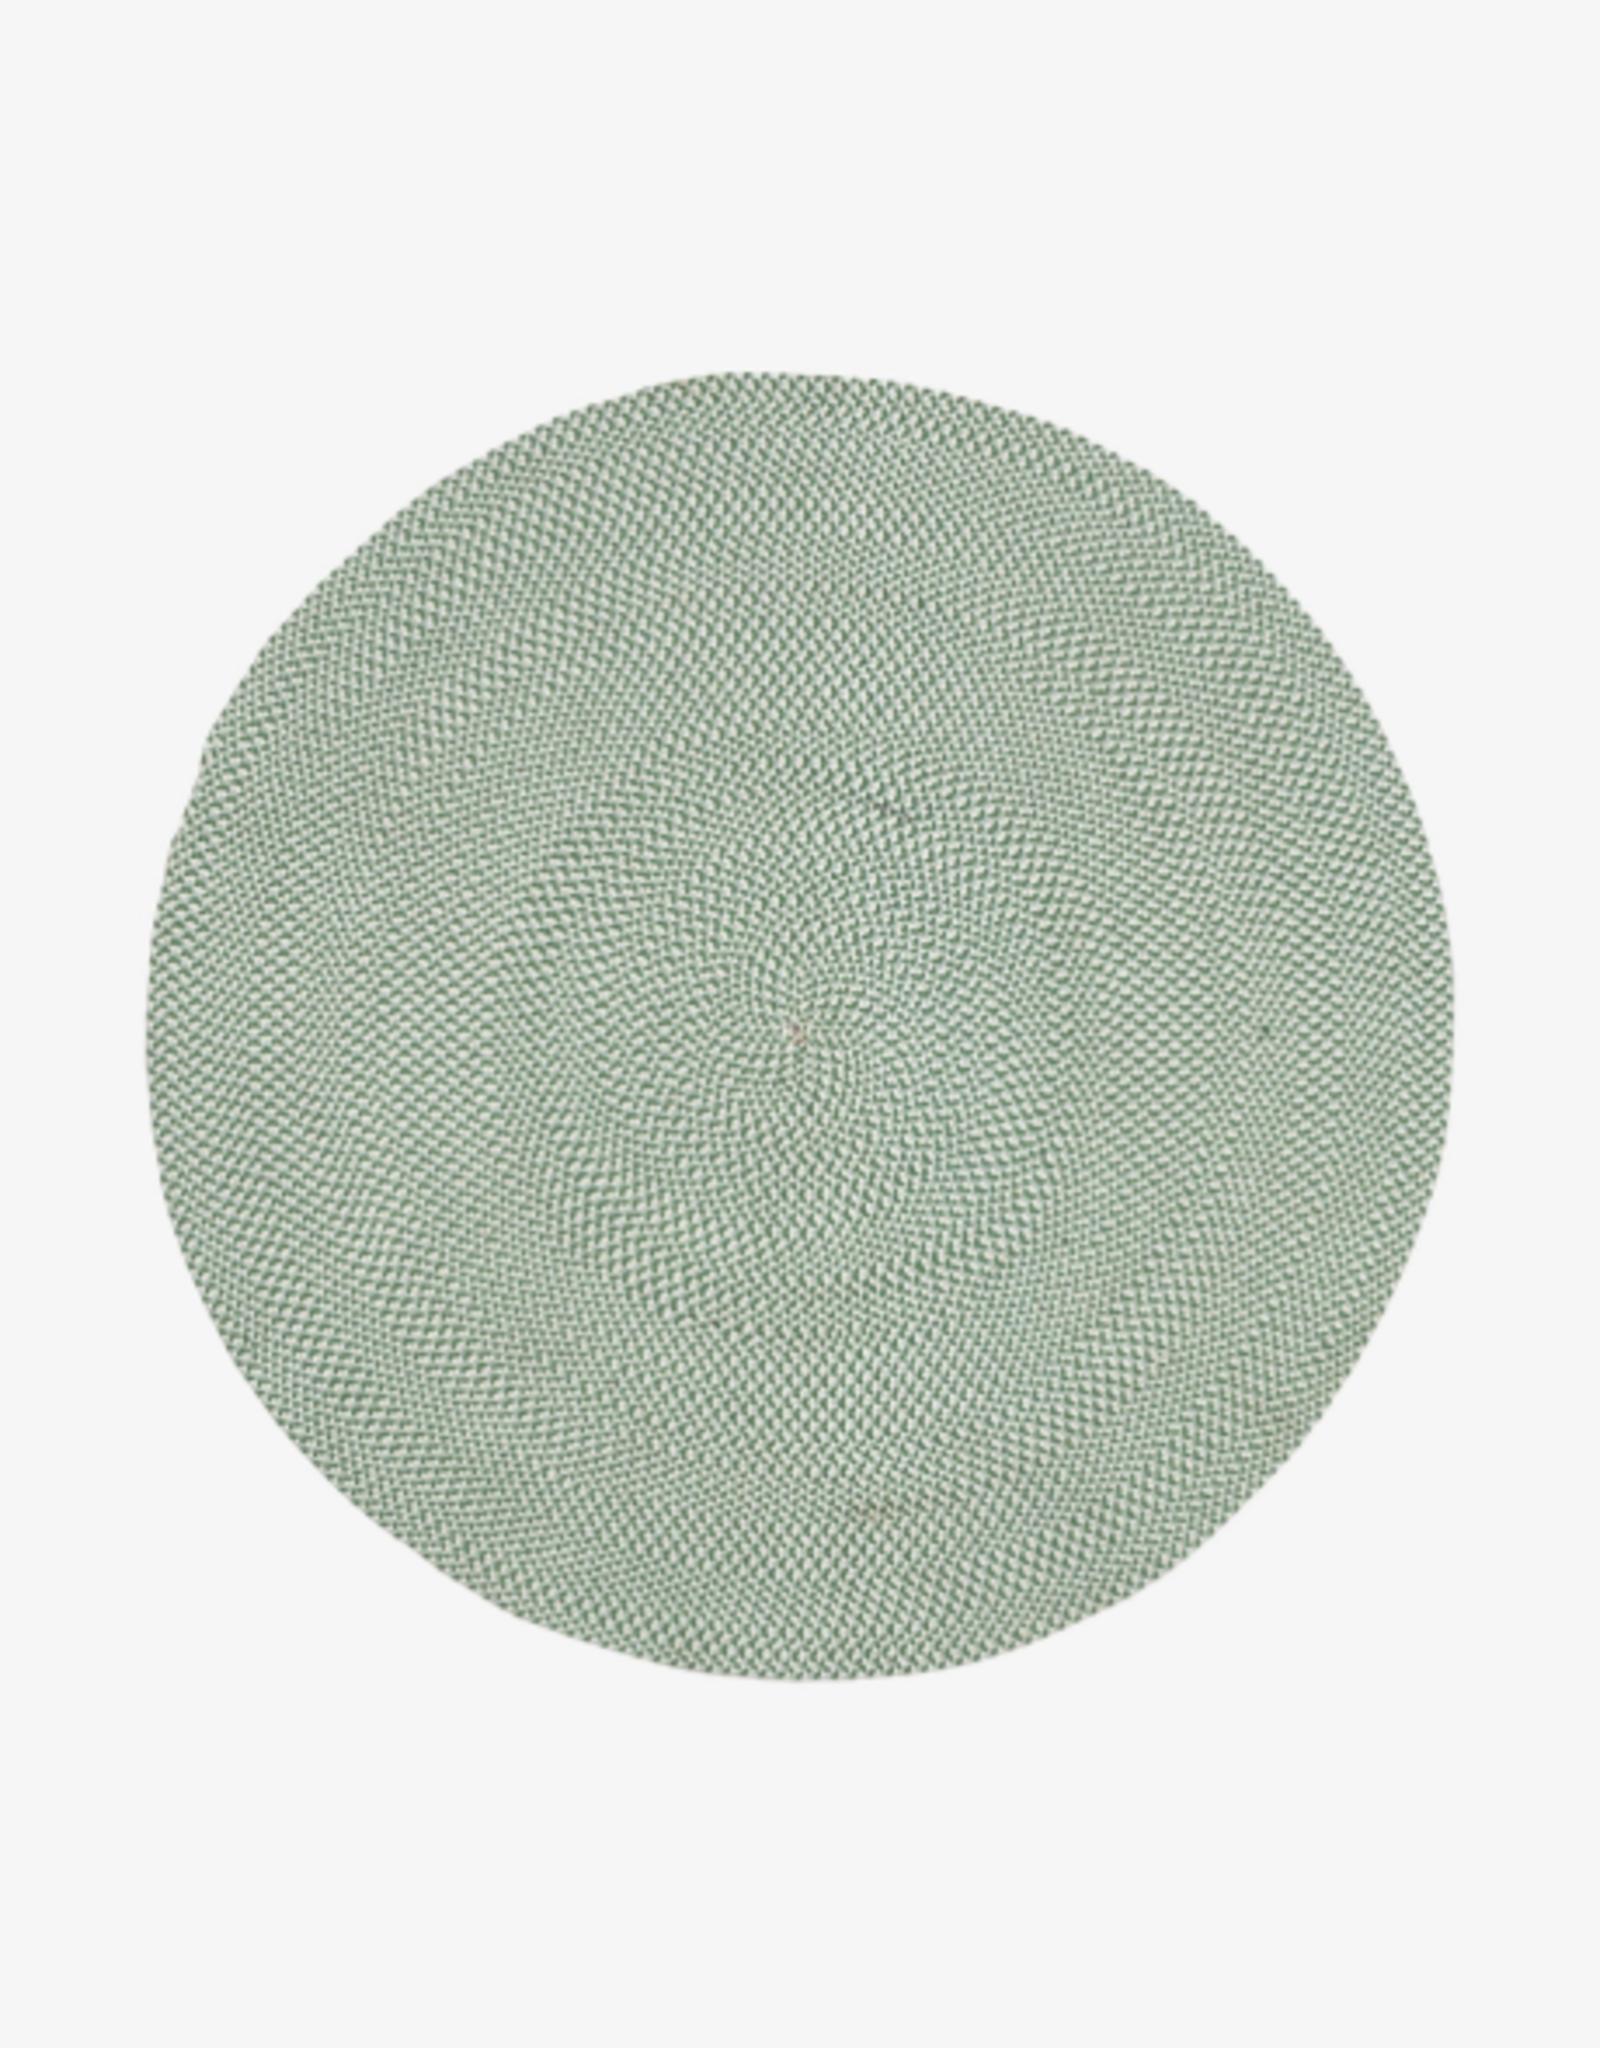 Buitentapijt rond Ø150 cm PET - groen